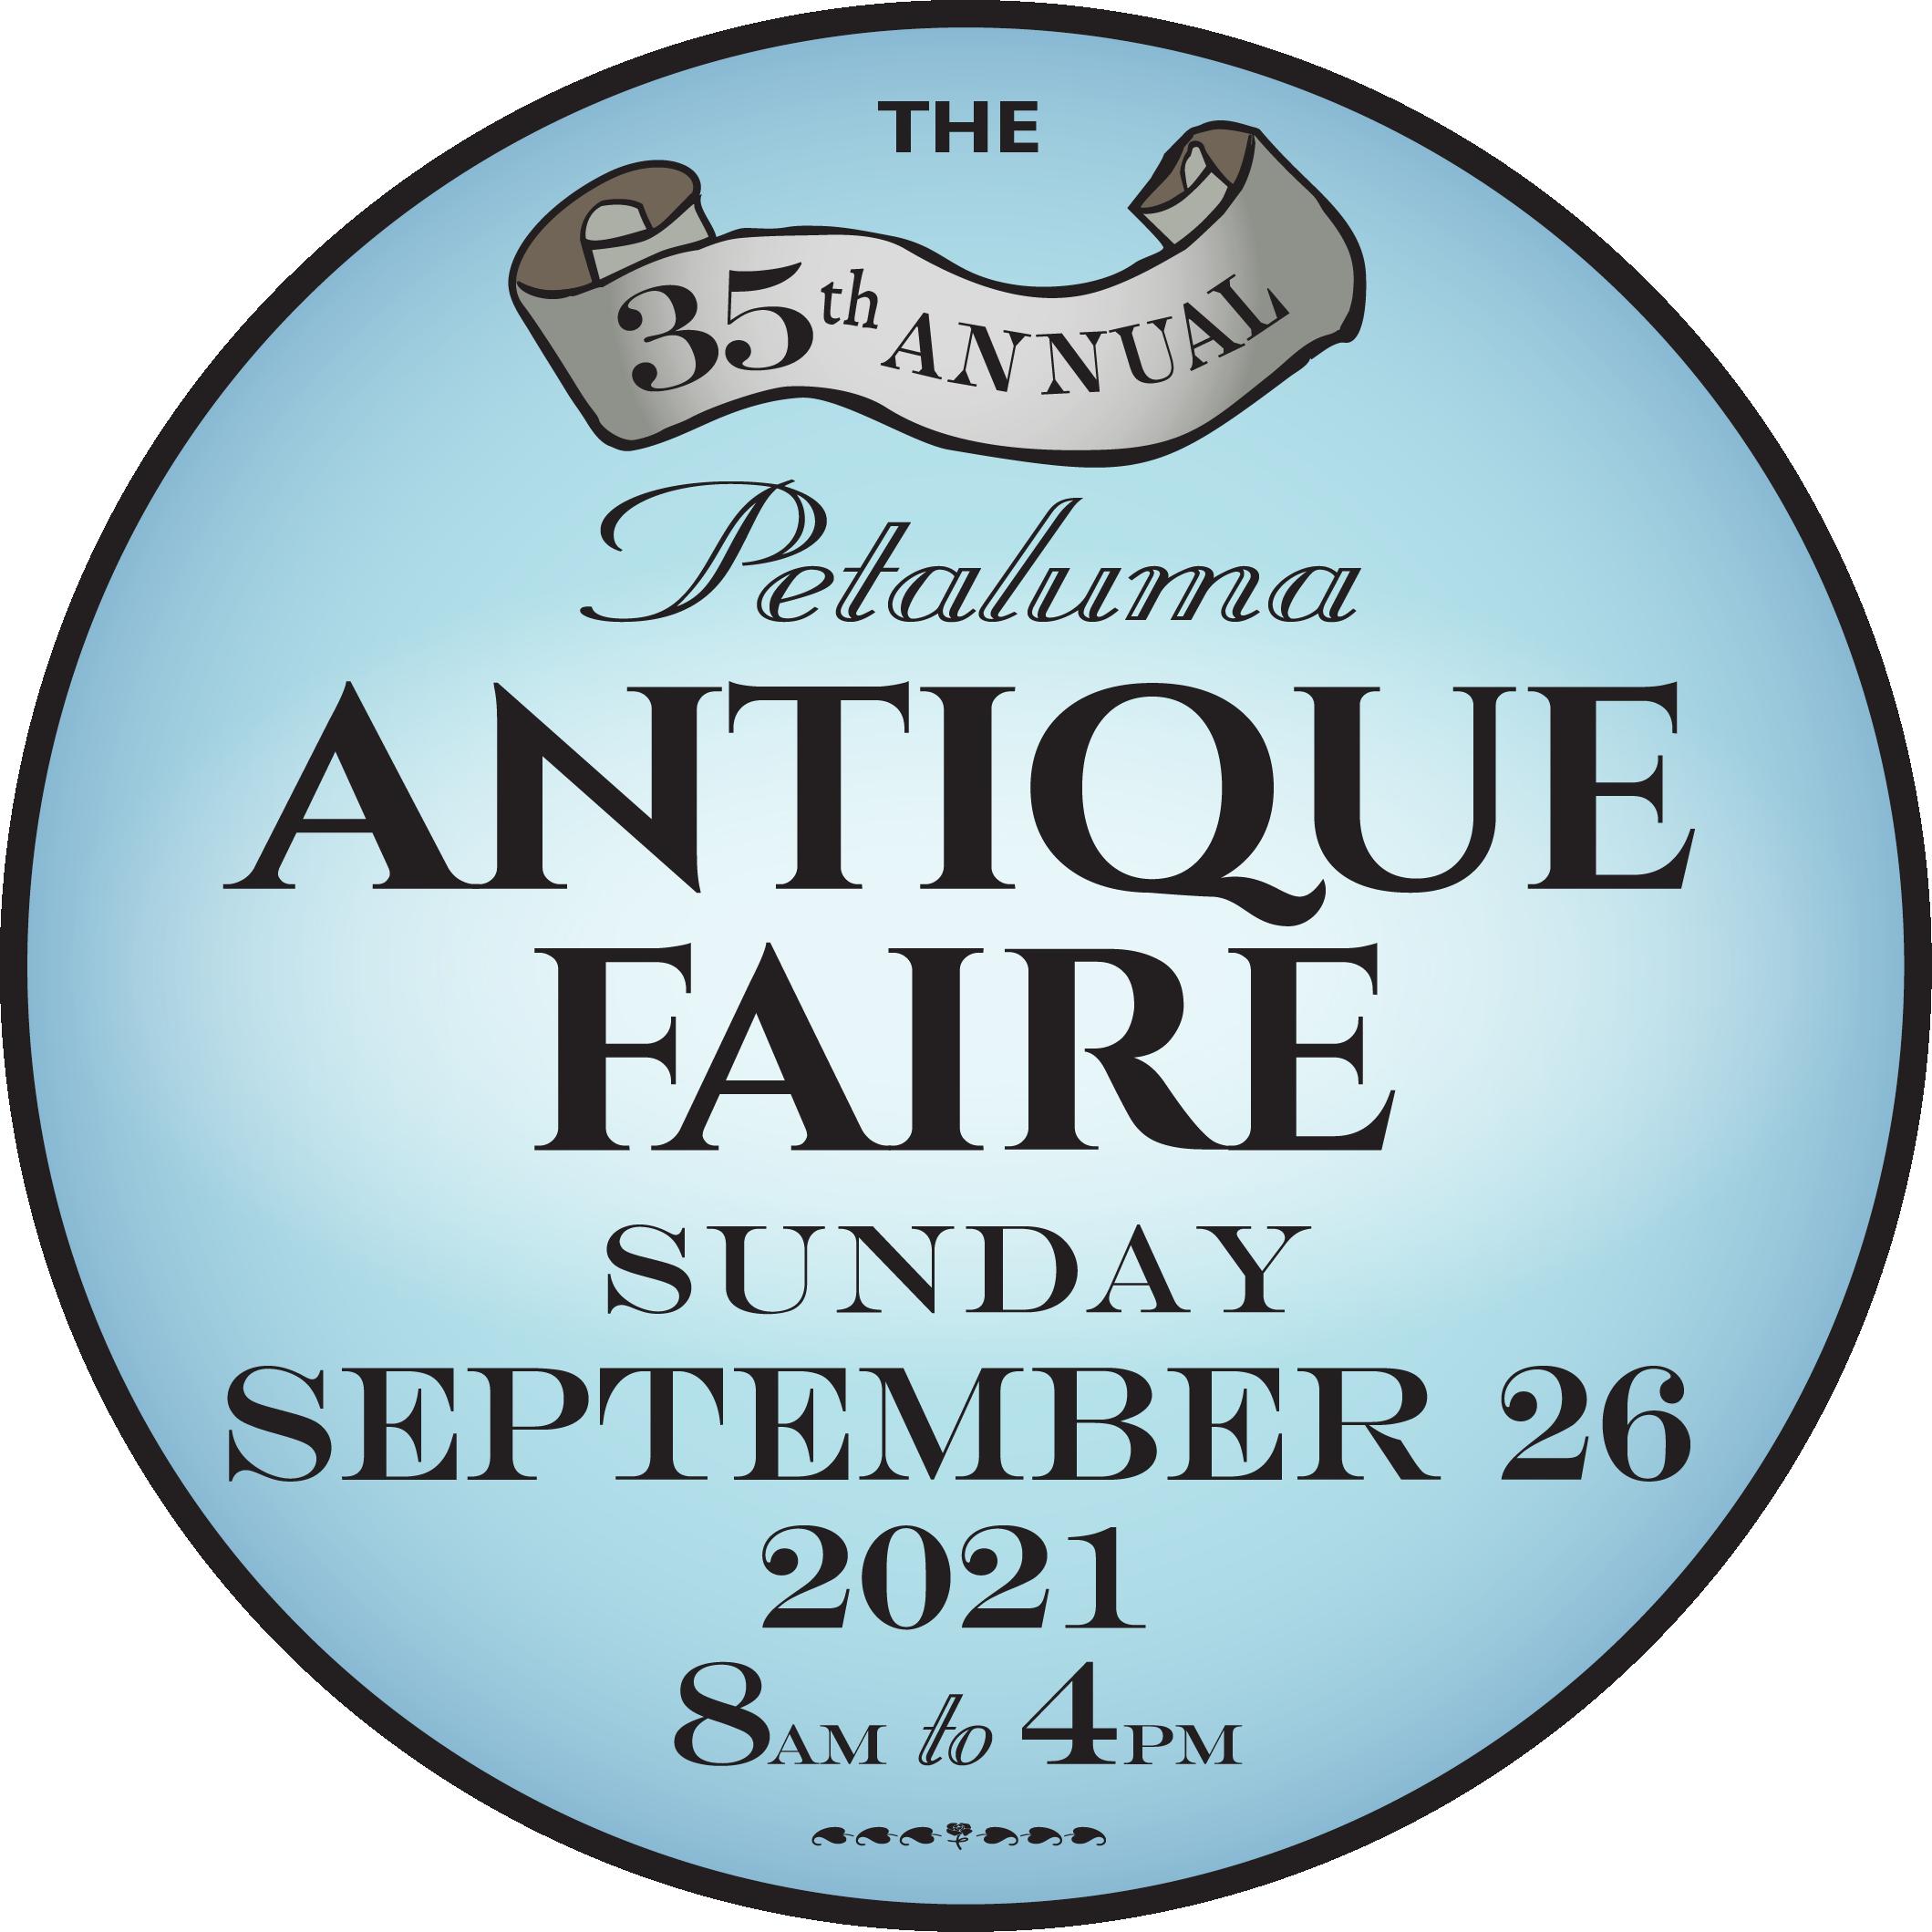 Antique Faire  Sunday 9/26/2021